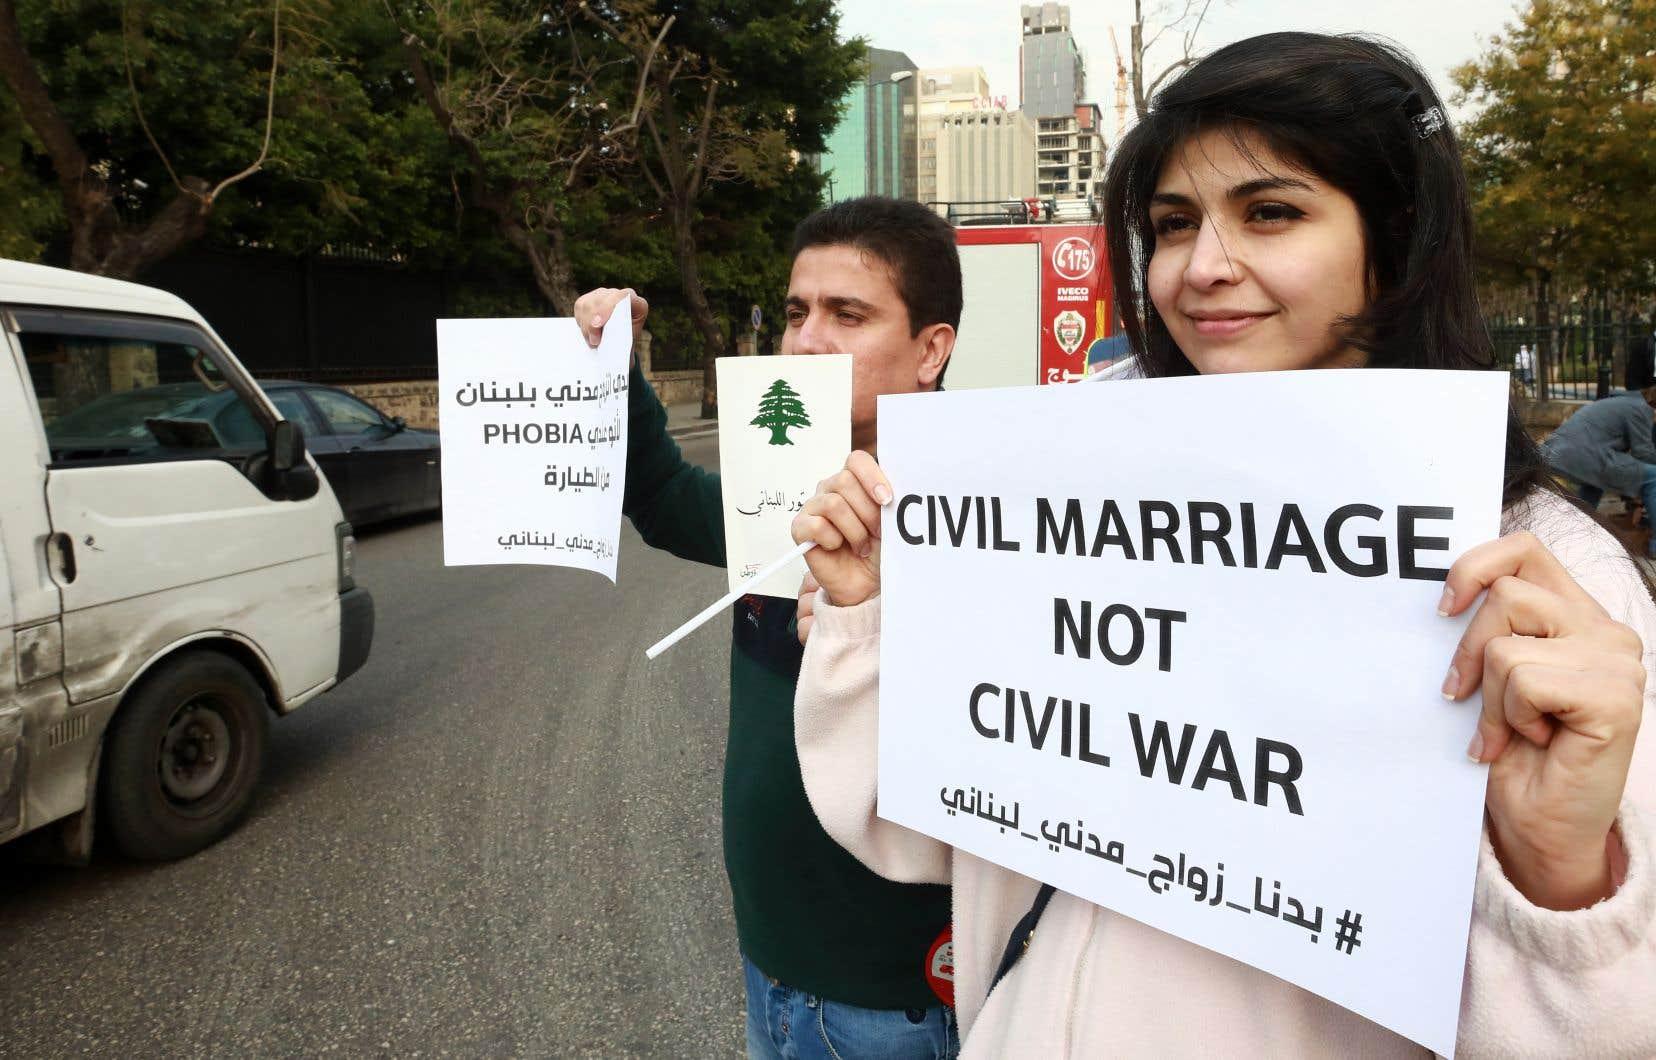 Les manifestants ont brandi des pancartes arborant divers slogans.